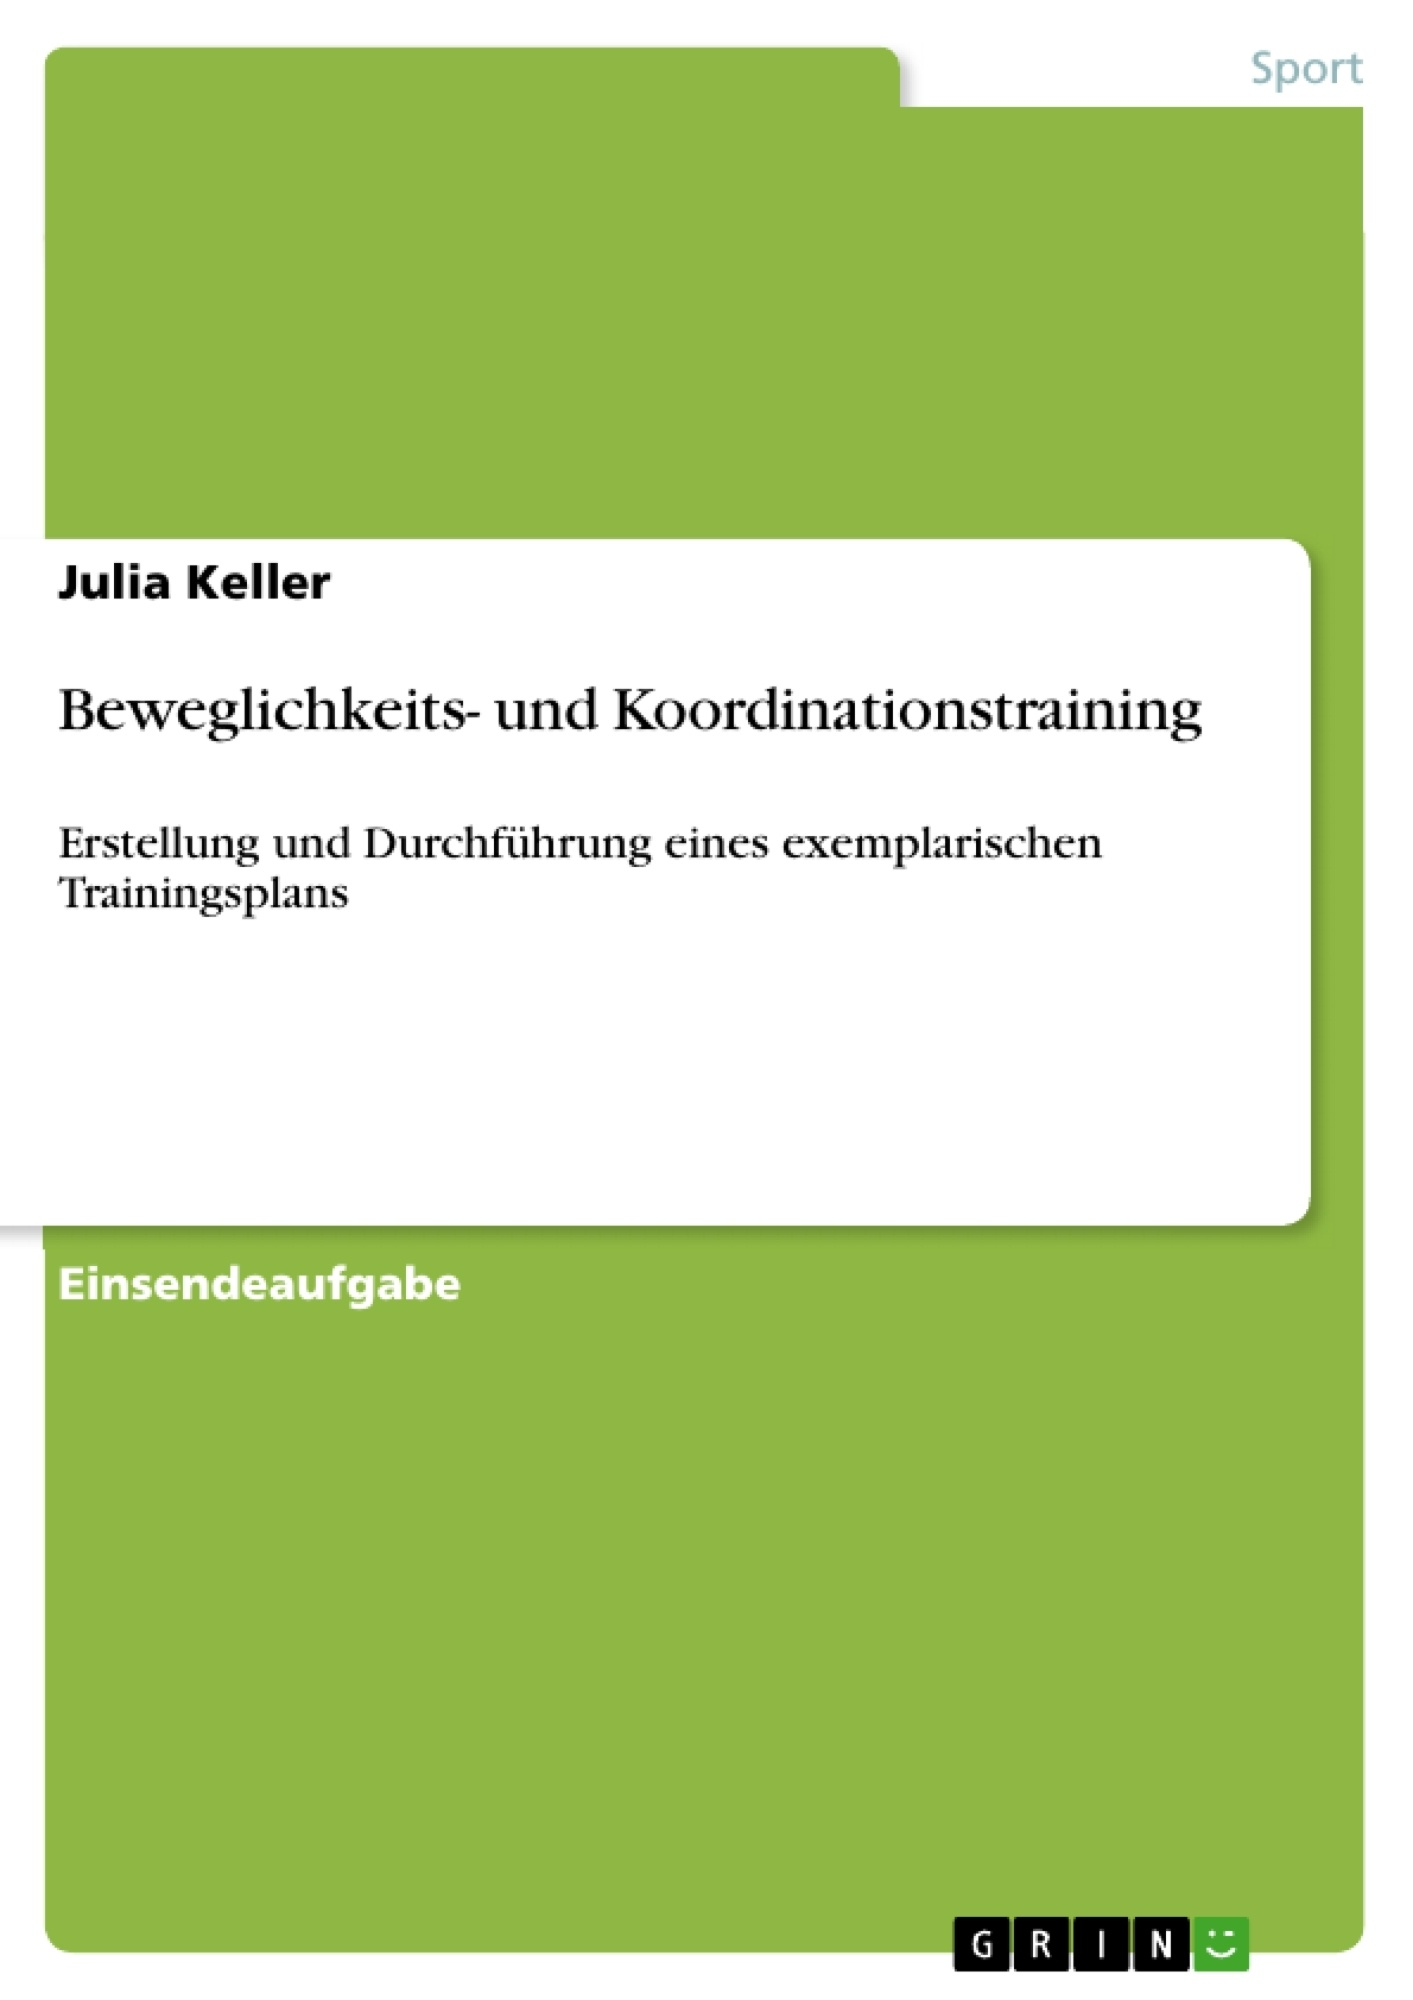 Titel: Beweglichkeits- und Koordinationstraining